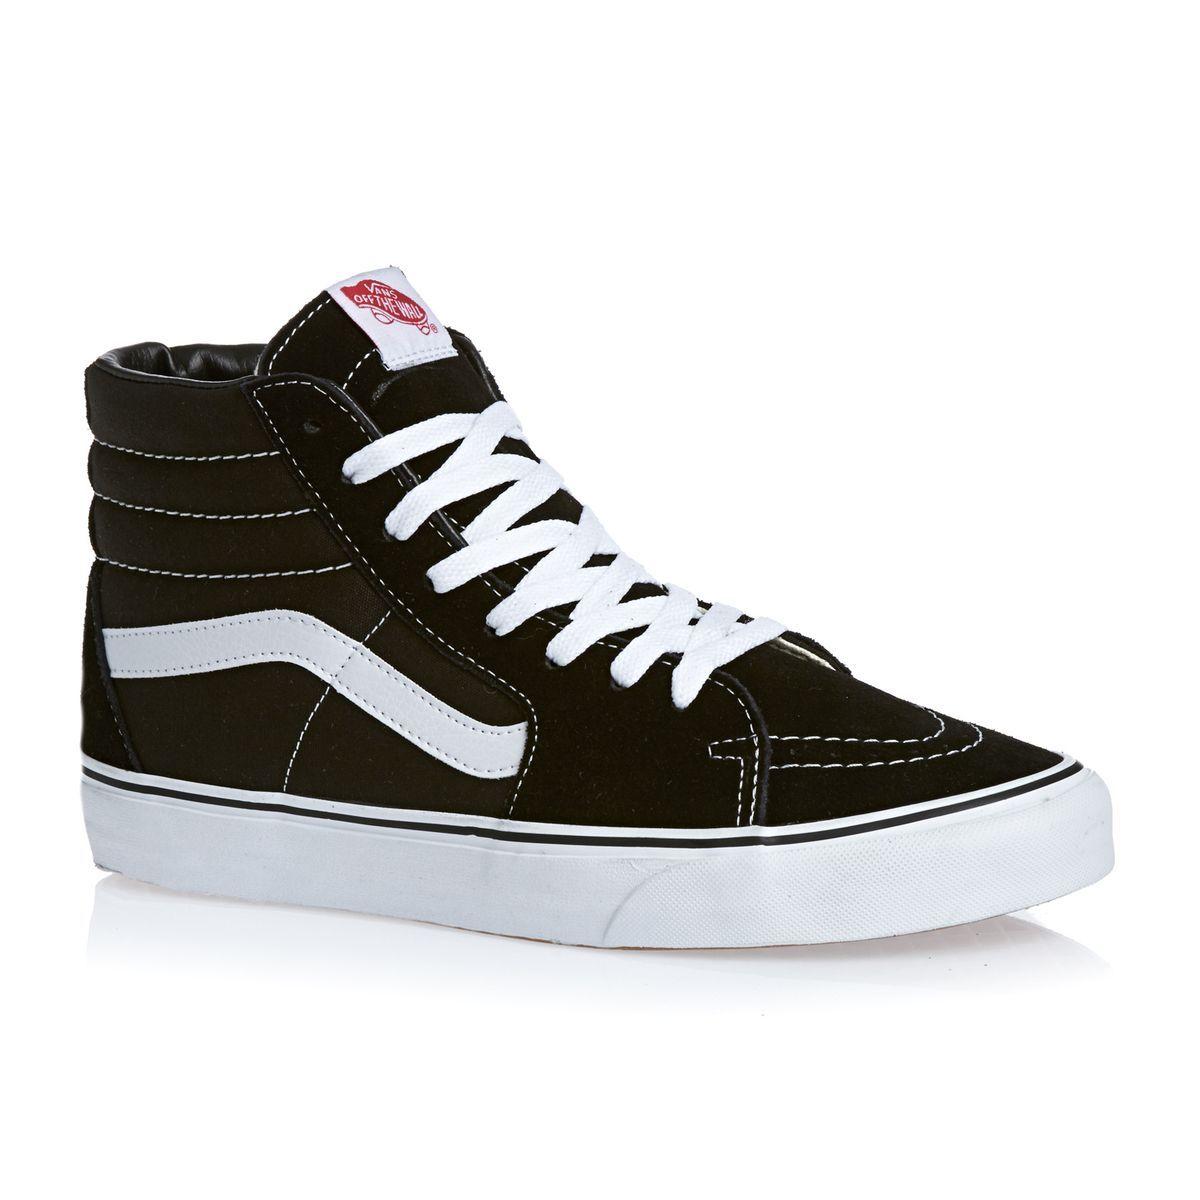 aea843a4bf1ff4 Vans Sk8-hi Shoes - Black